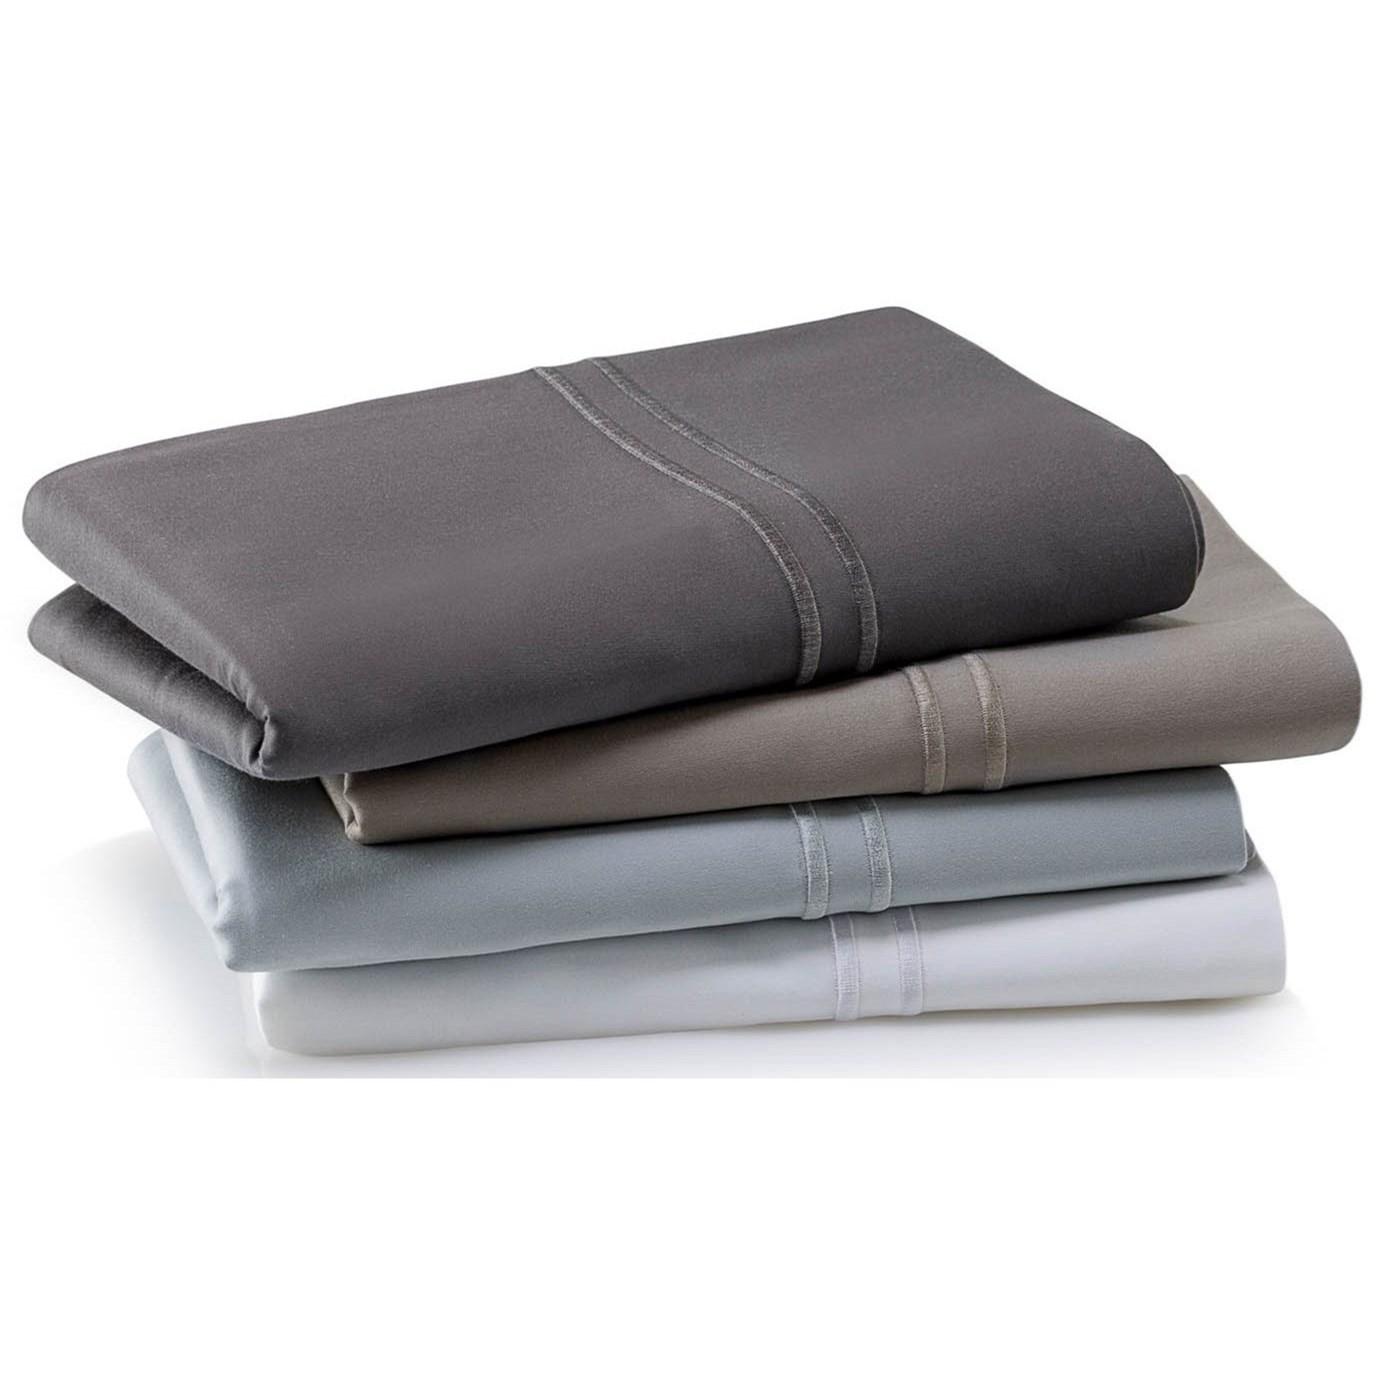 Supima Cotton White Twin XL Sheet Set by Malouf at SlumberWorld